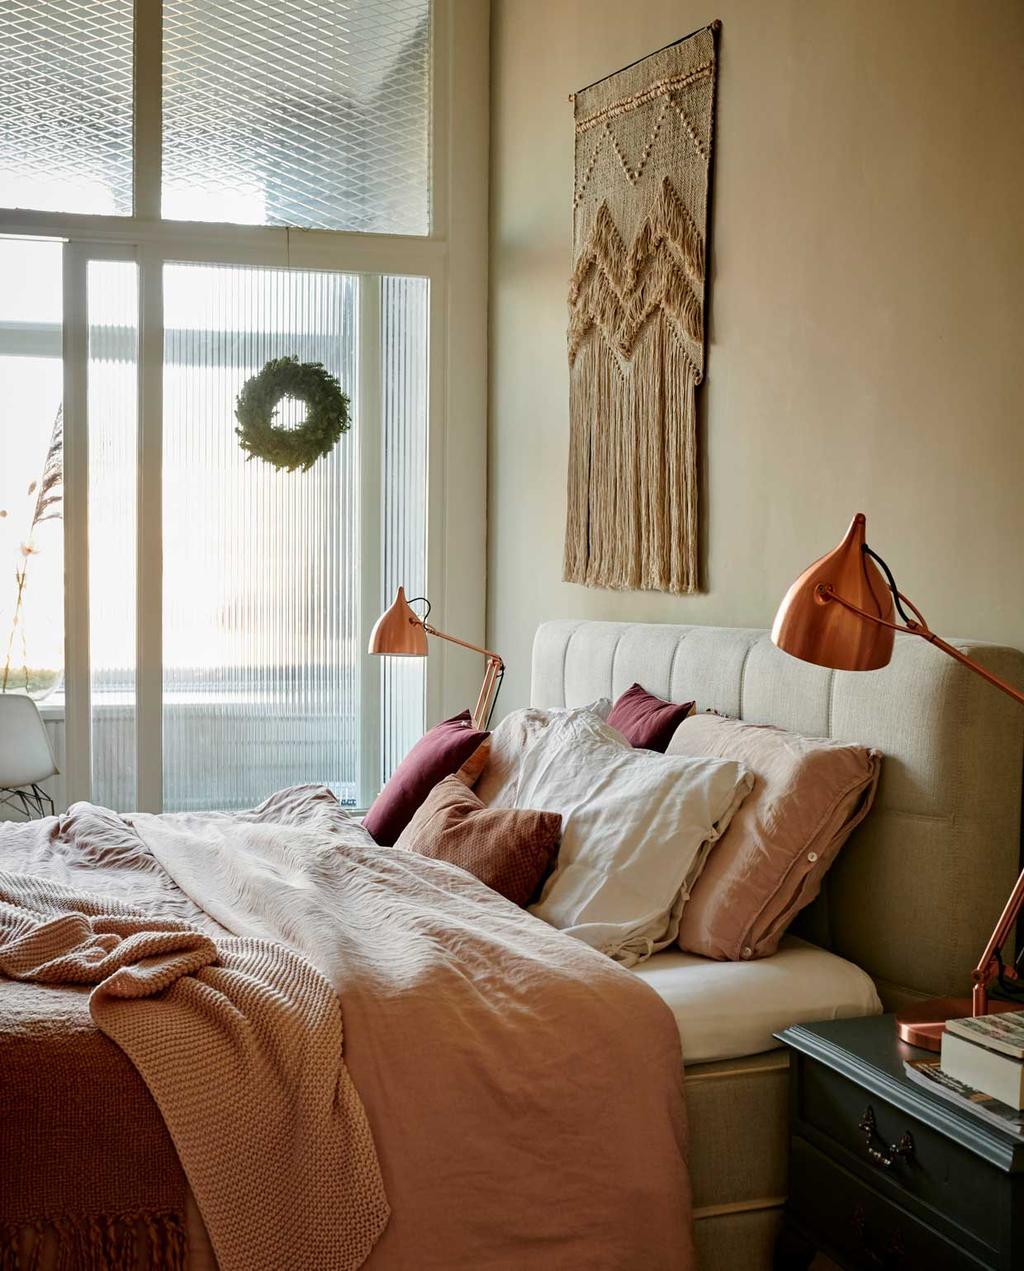 vtwonen 12-2020 | binnenkijken 100 jaar oud herenhuis haarlem | slaapkamer